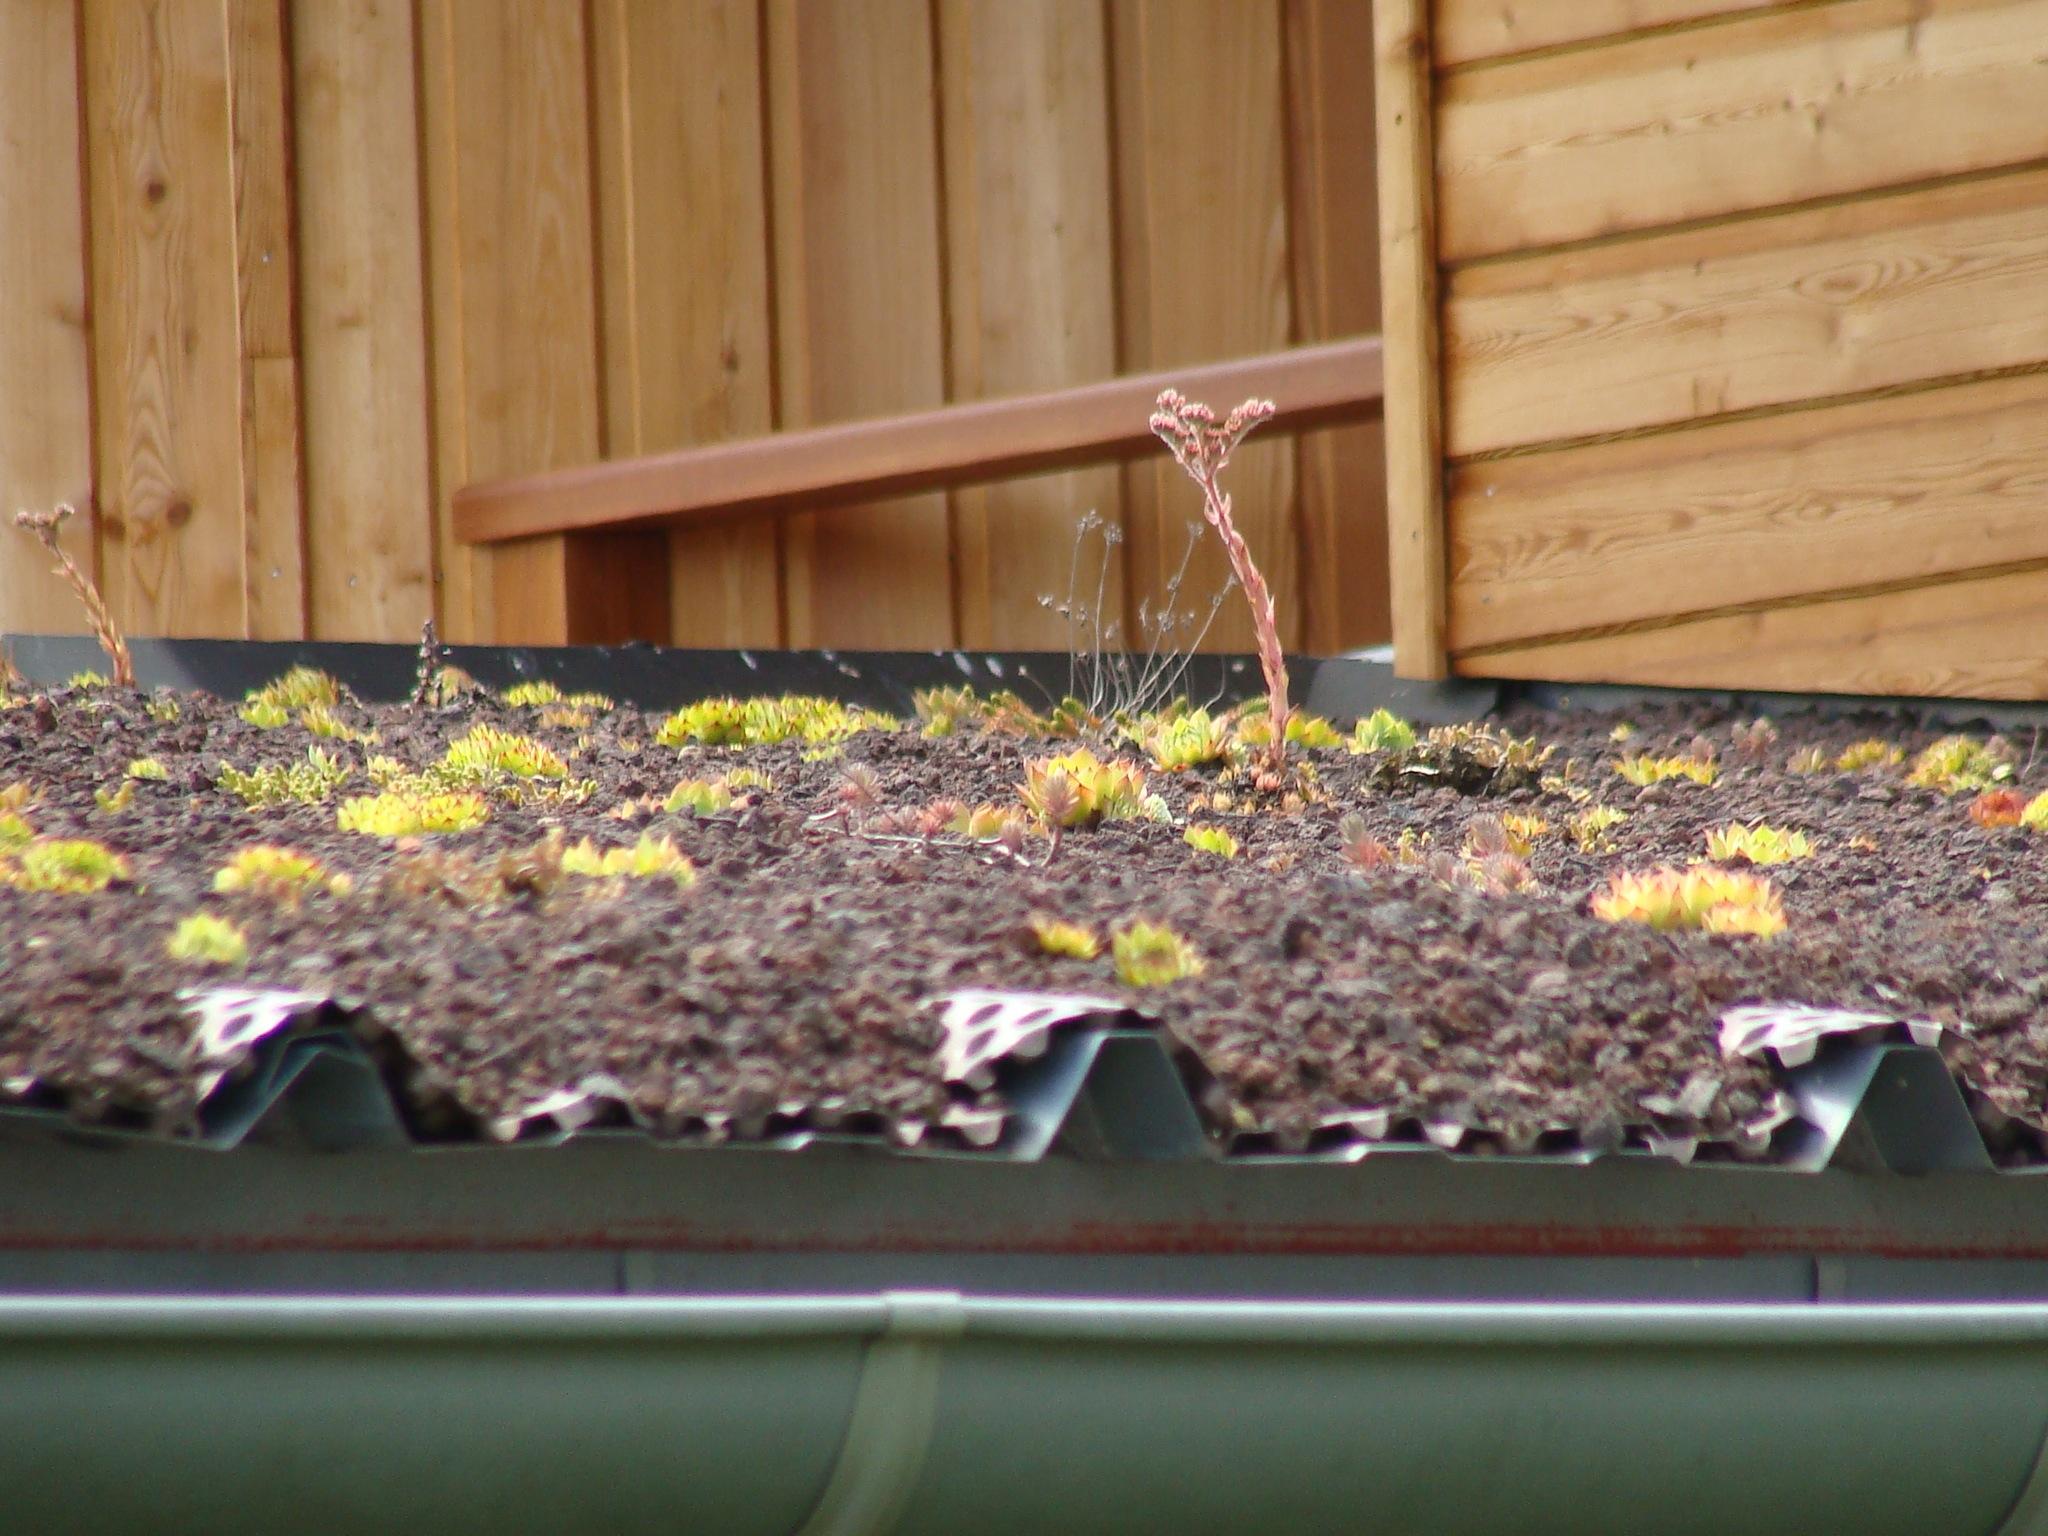 Porche car / toiture végétalisée